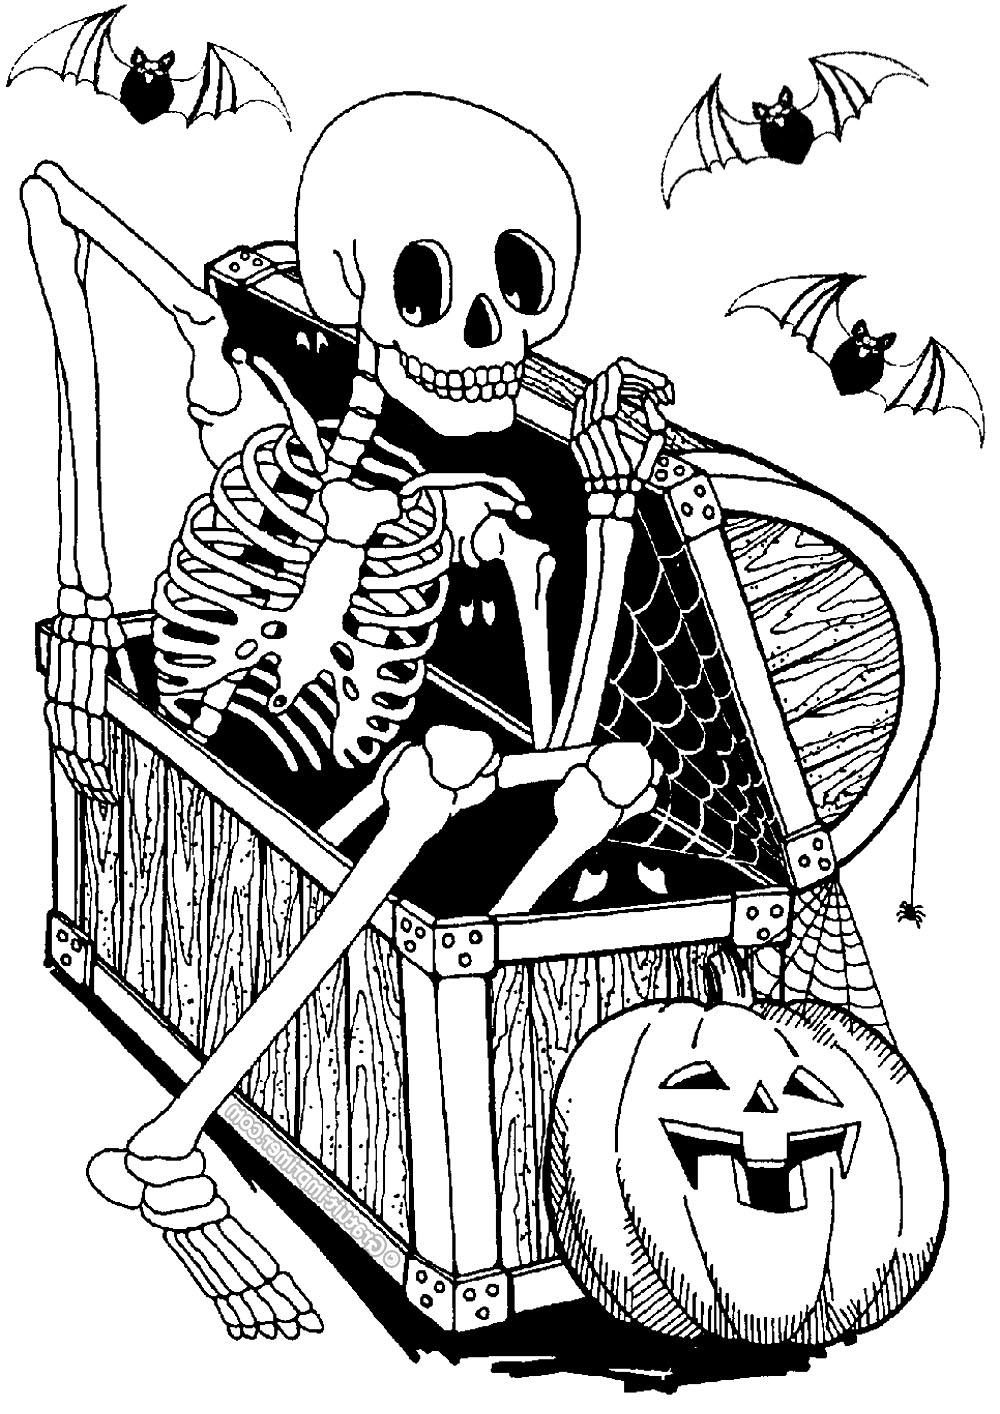 Disegni da Colorare per Adulti : Halloween - 3